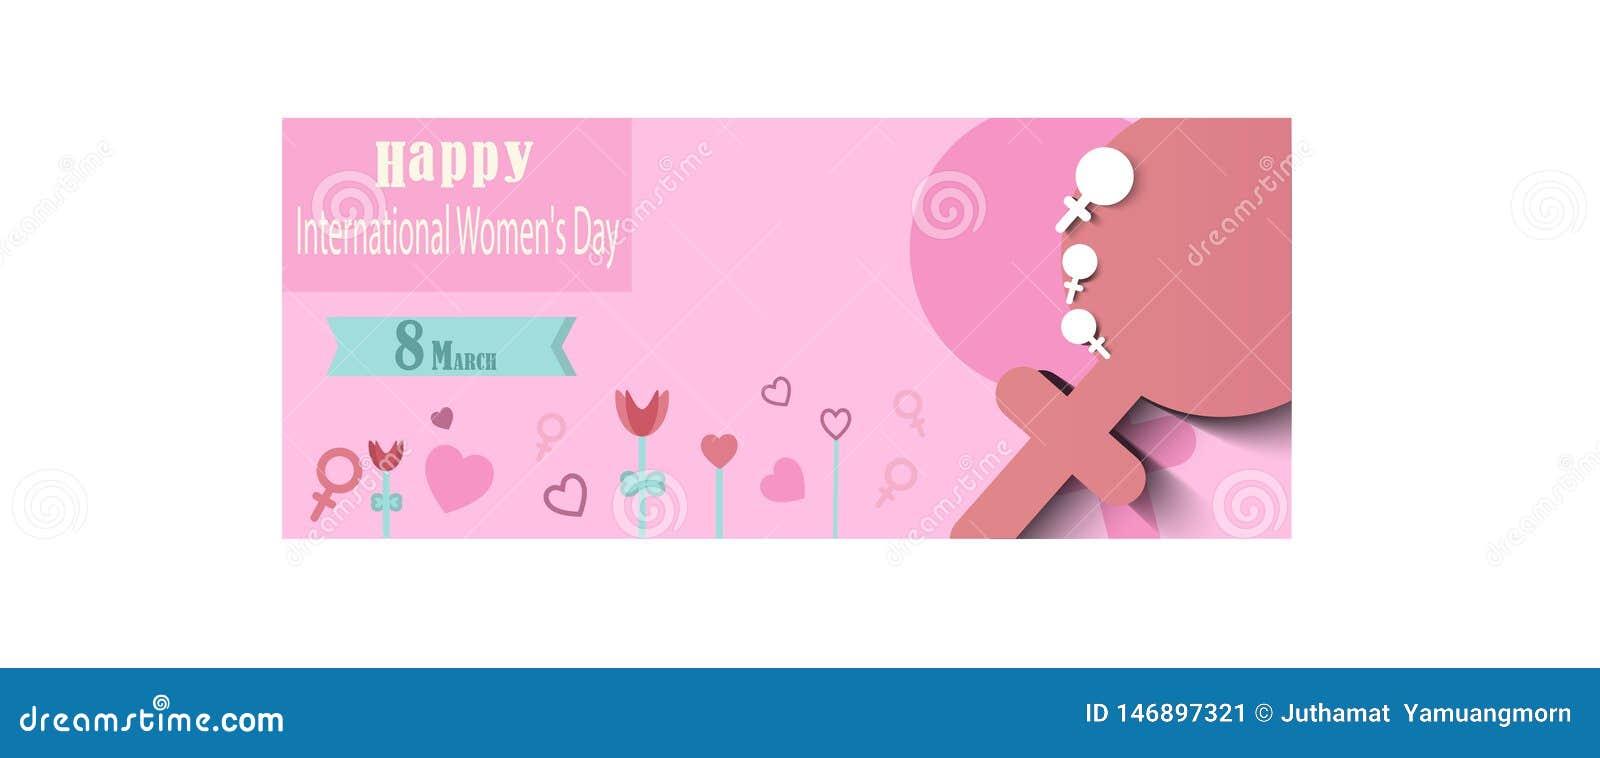 Rosa vektorabbildung Internationaler Hintergrund der Frauen Tages Vektor, Textentwurf Verwendbar f?r Fahnen